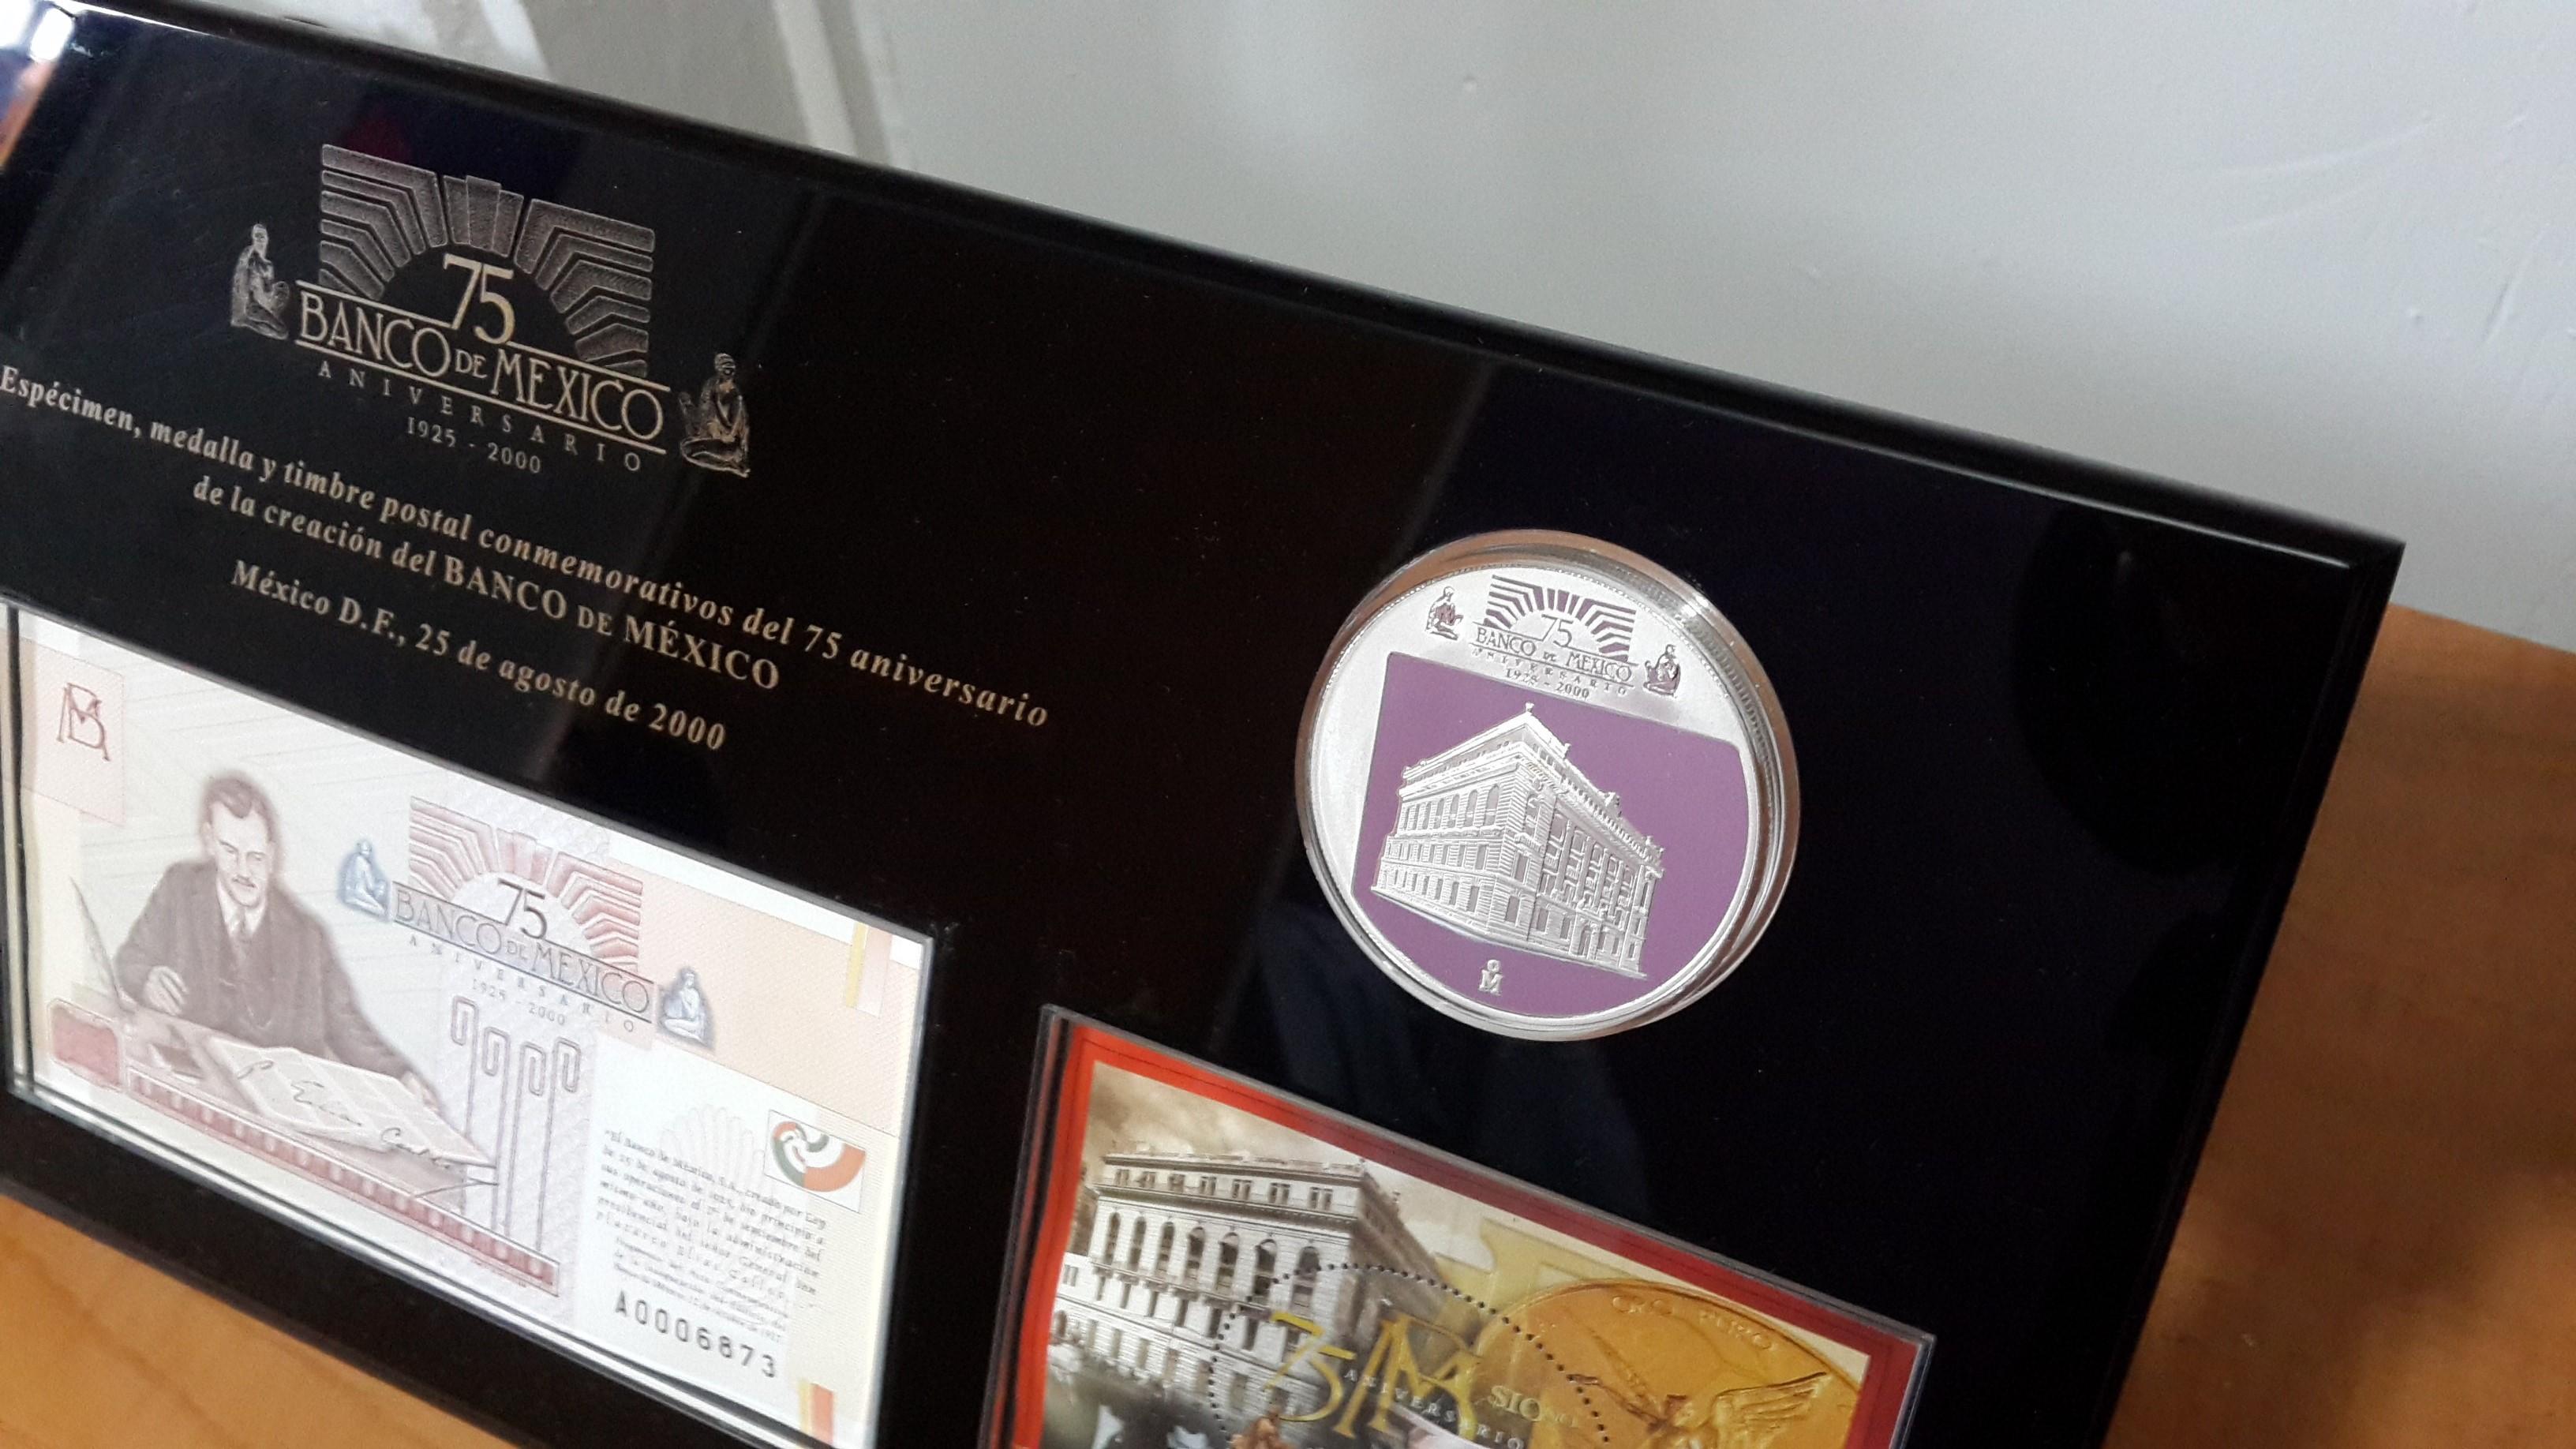 0817d4c46f76 Set 75 Aniversario de Banco de México – NUMISMÁTICA MARTELL